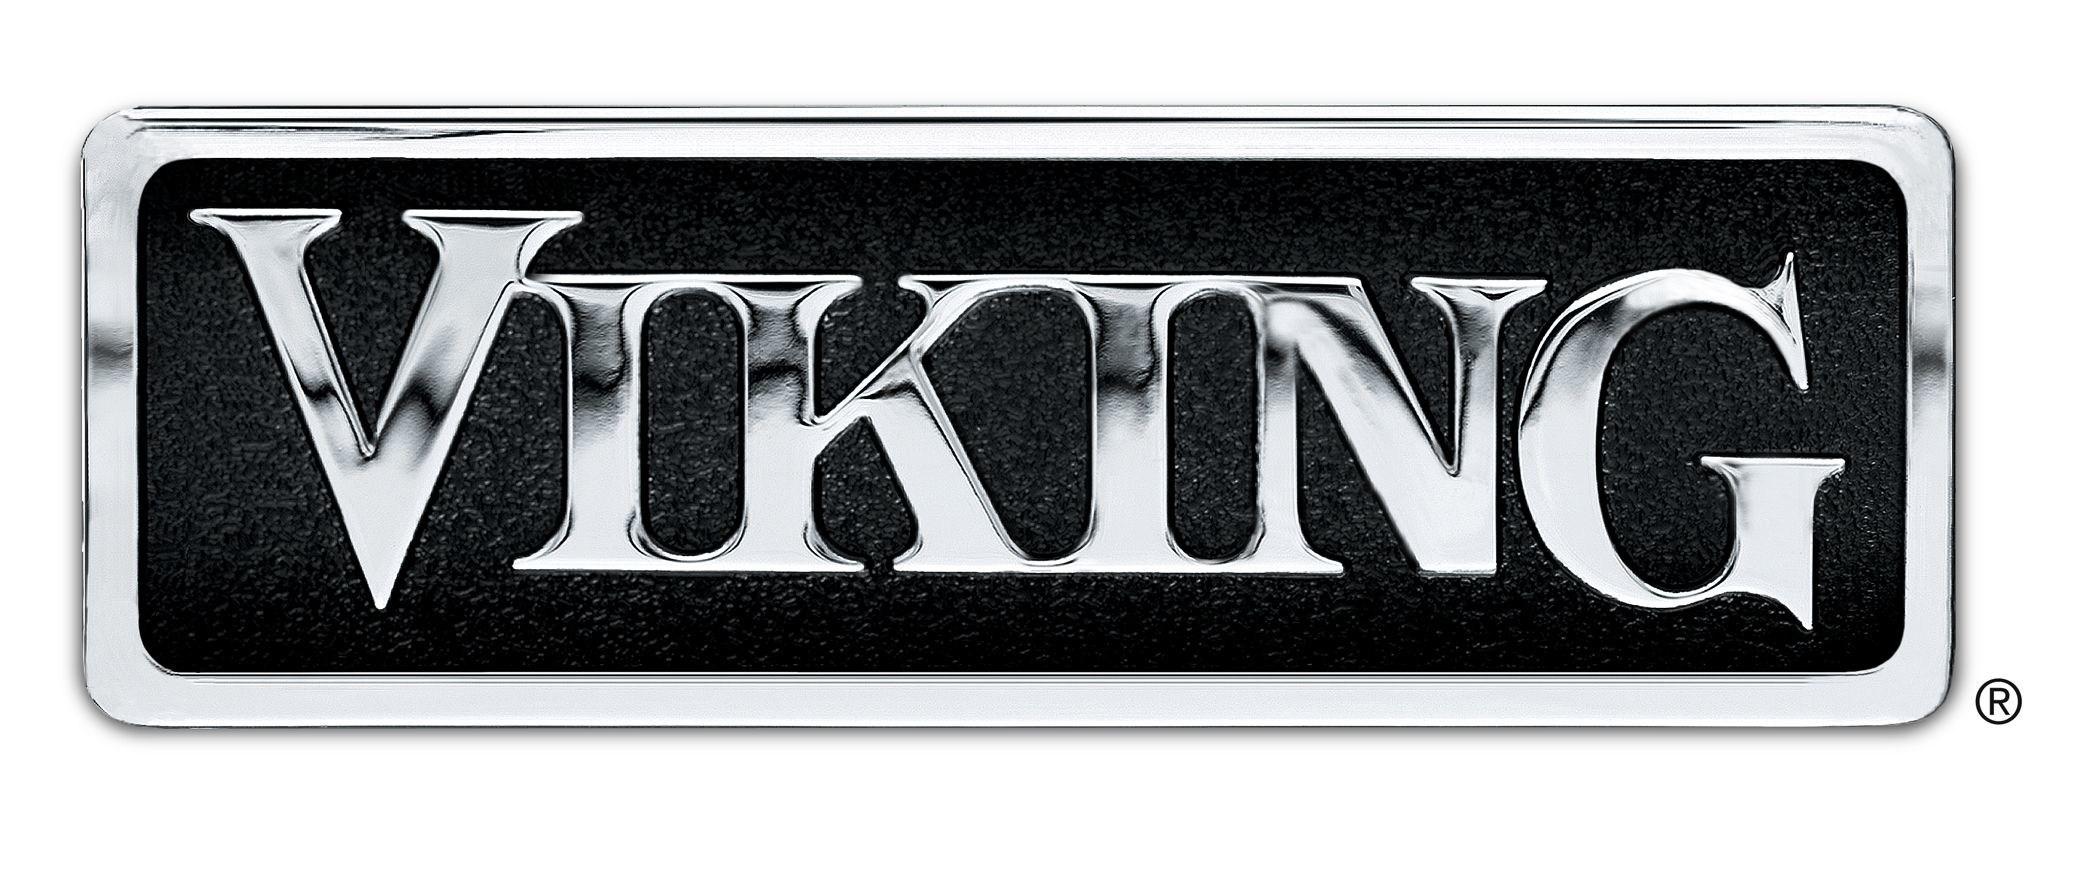 Image result for Viking ranges logo